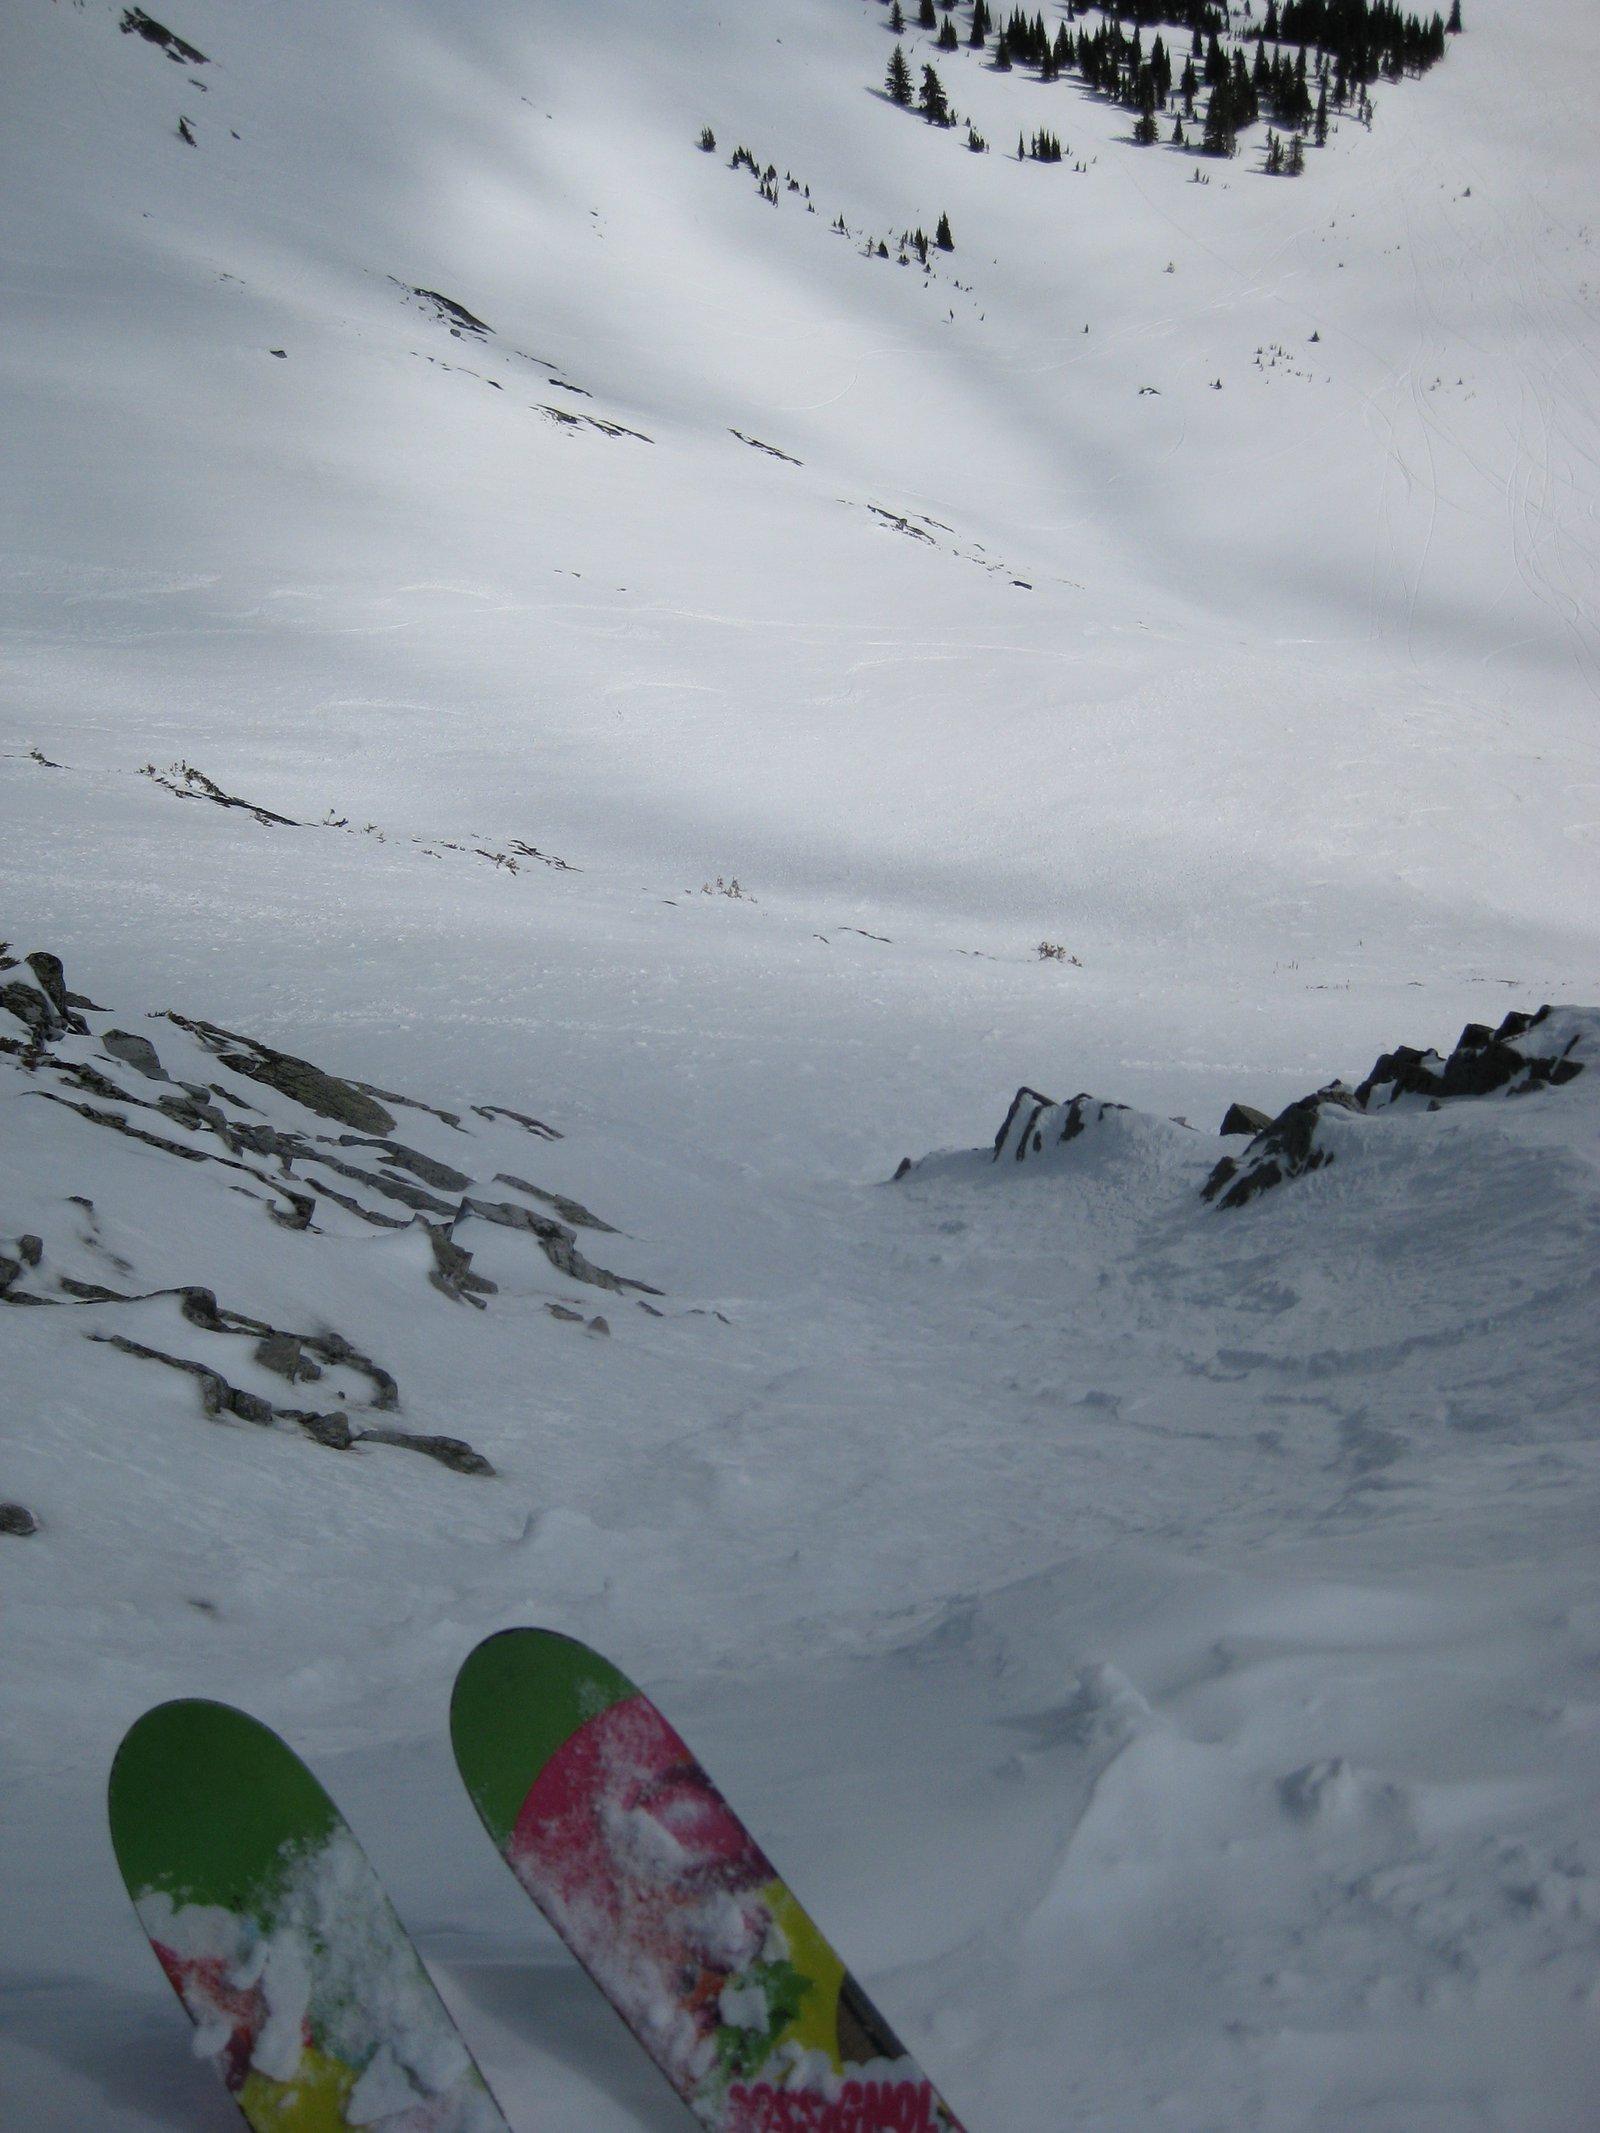 MOre ski tip stoke